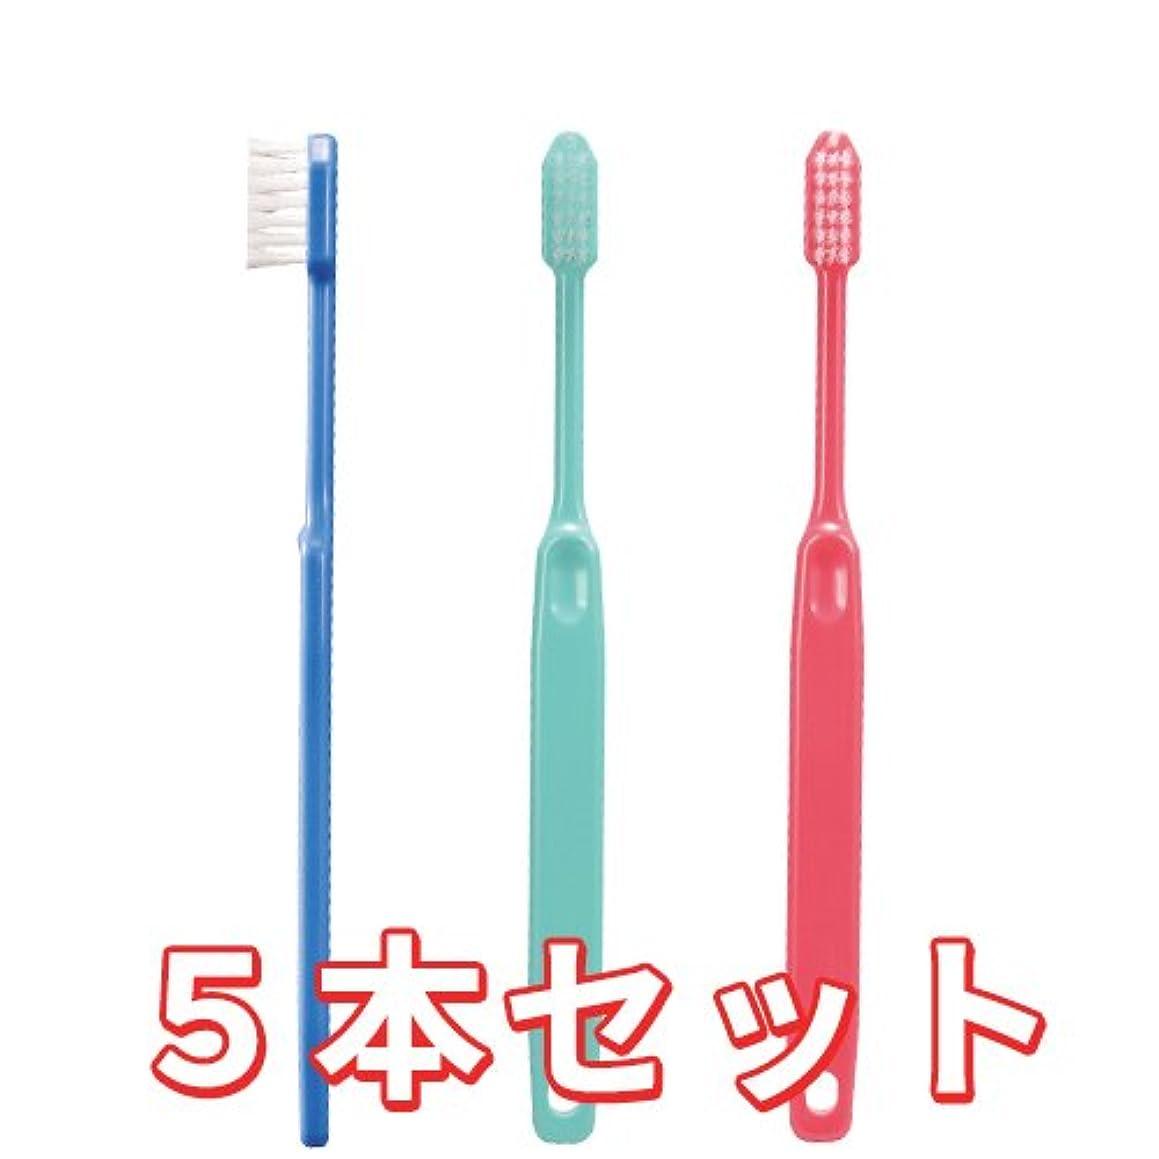 偽善者リッチ結果Ciメディカル 歯ブラシ コンパクトヘッド 疎毛タイプ アソート 5本 (Ci26(重度炎症?形成?オペ後))